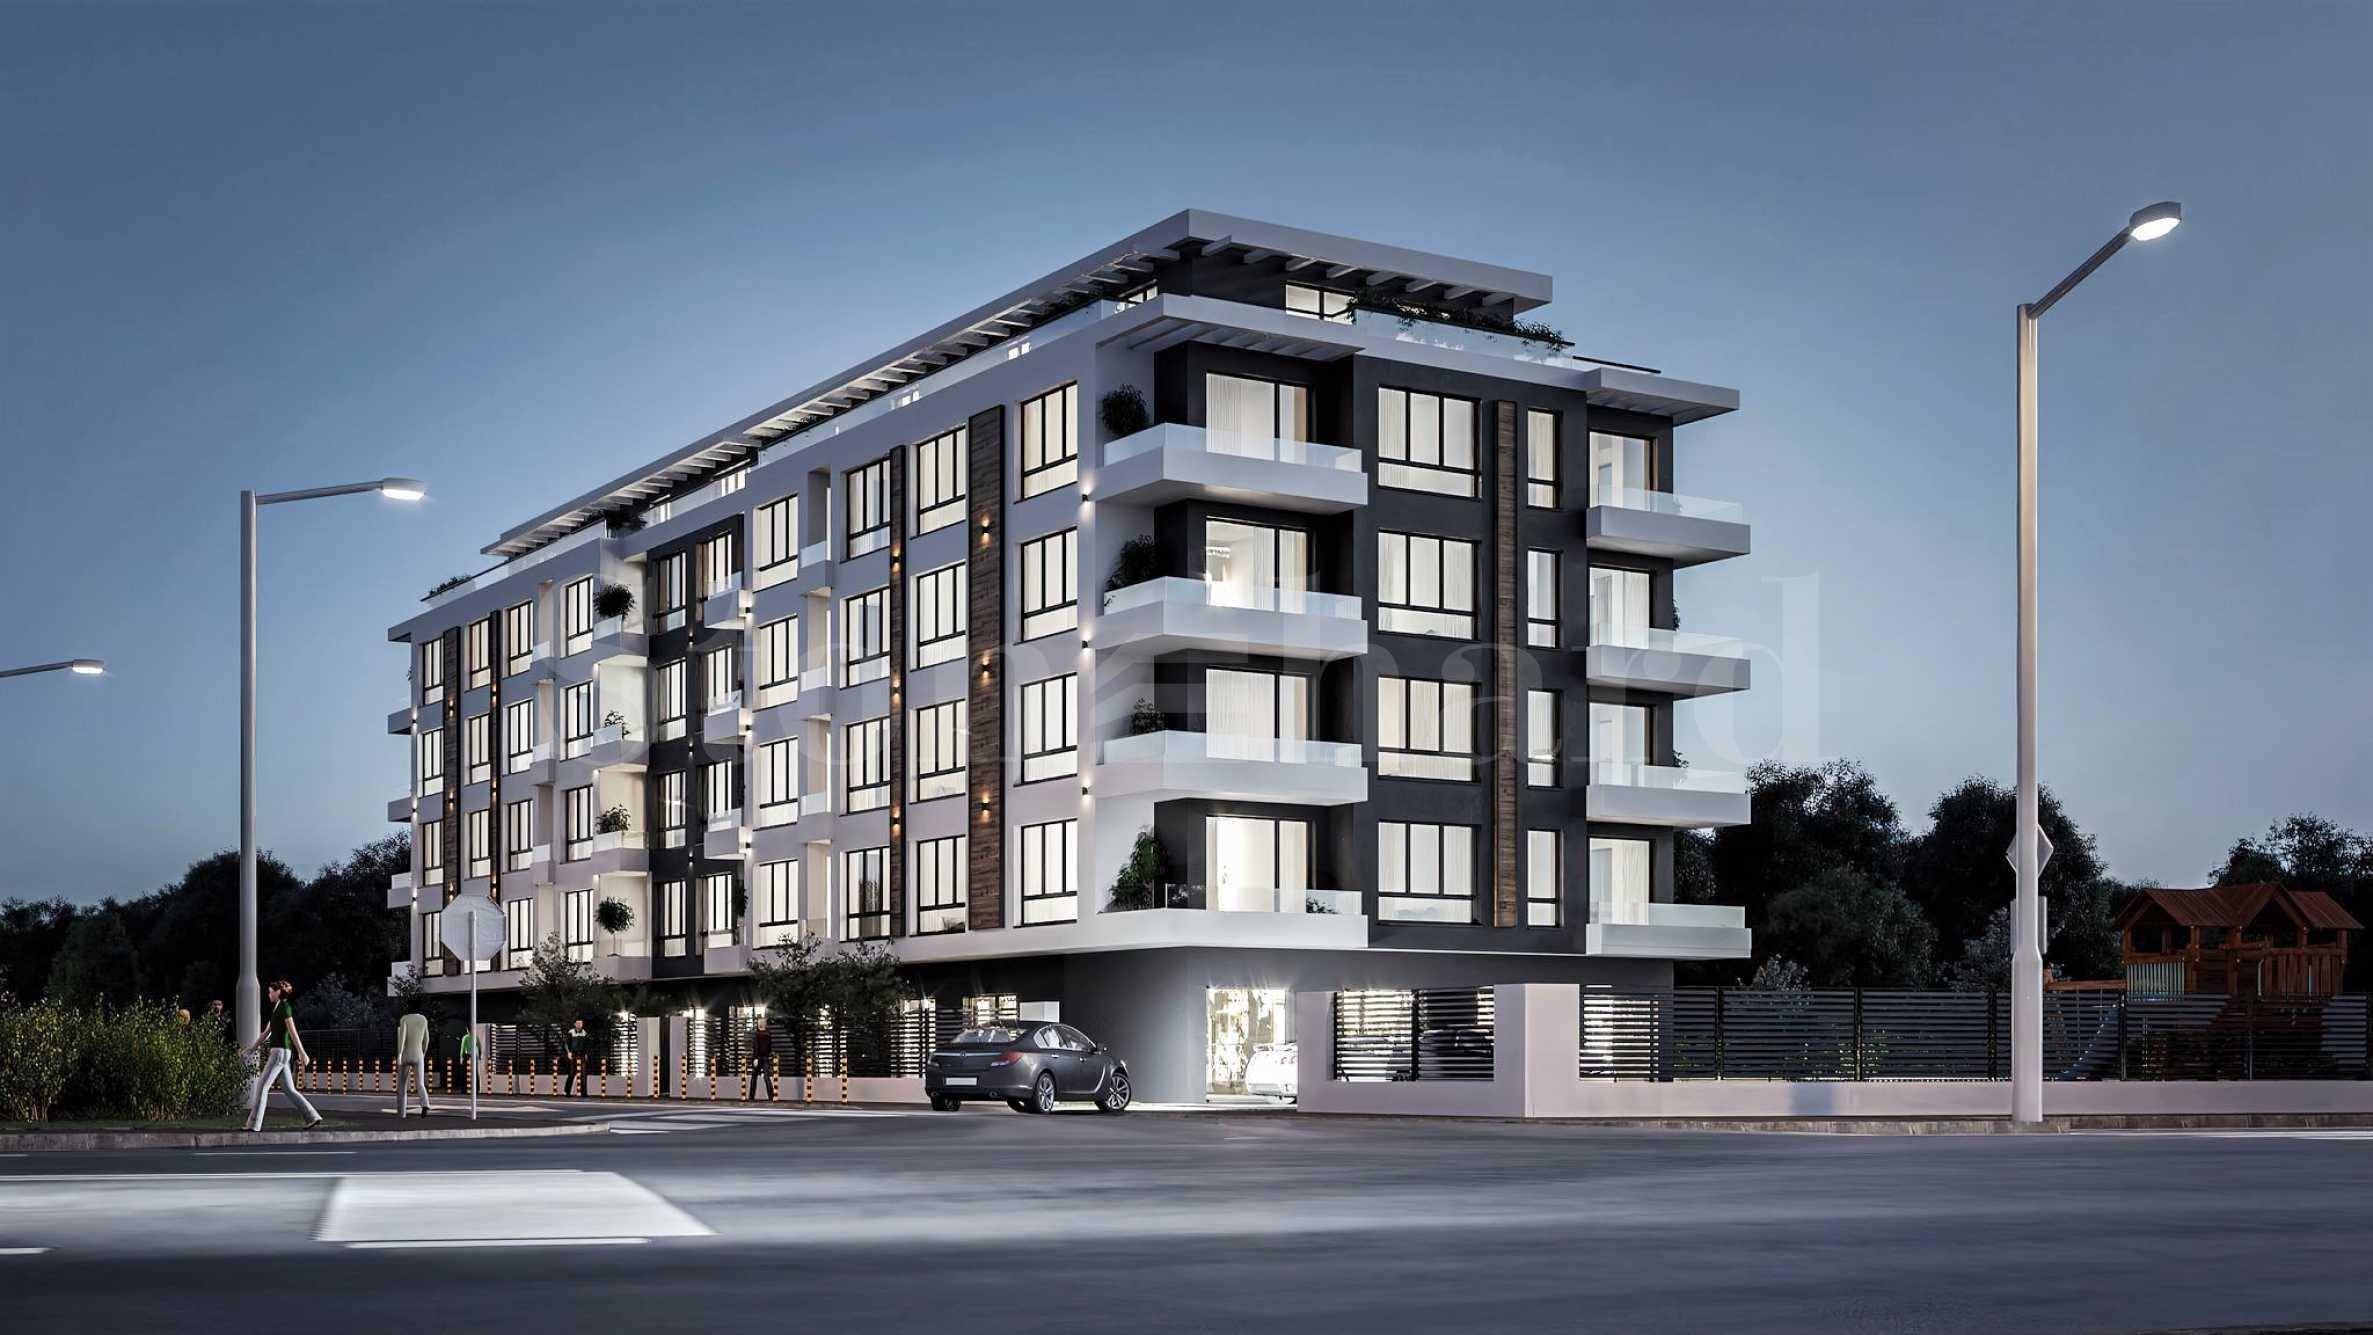 Апартаменти ново строителство в бутикова сграда до Ритейл парк1 - Stonehard